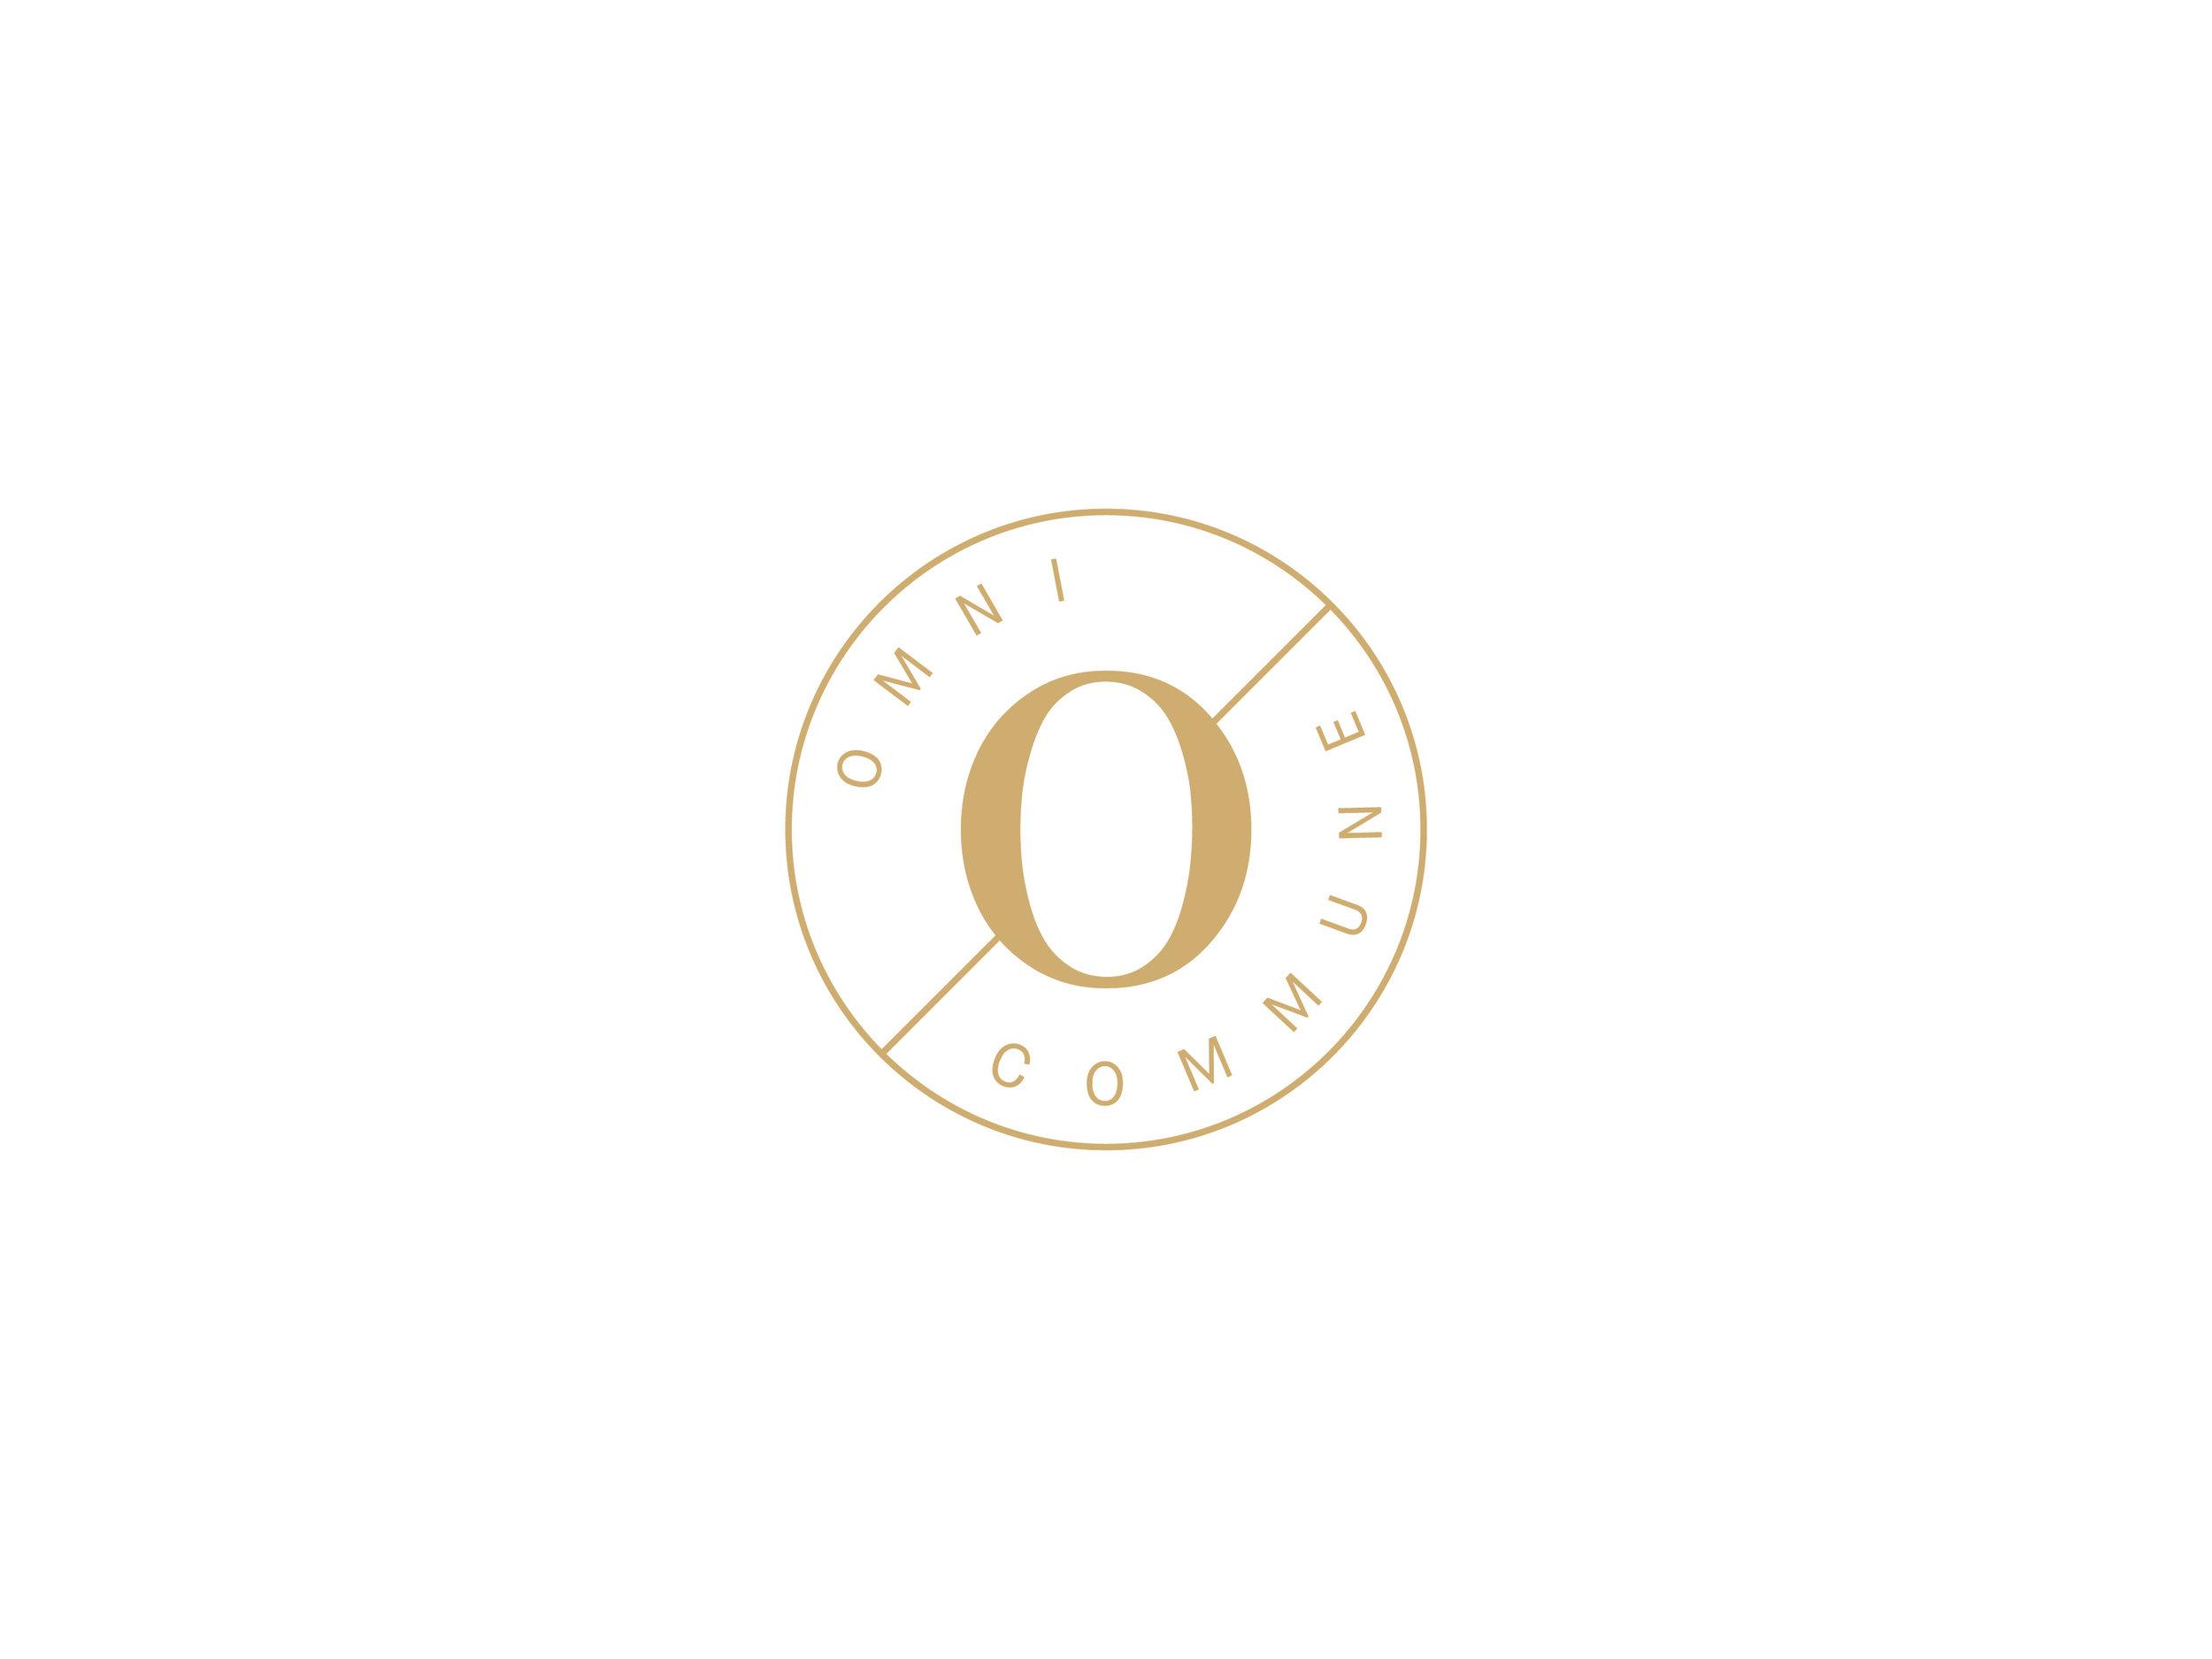 OmniC_Logo1.jpg